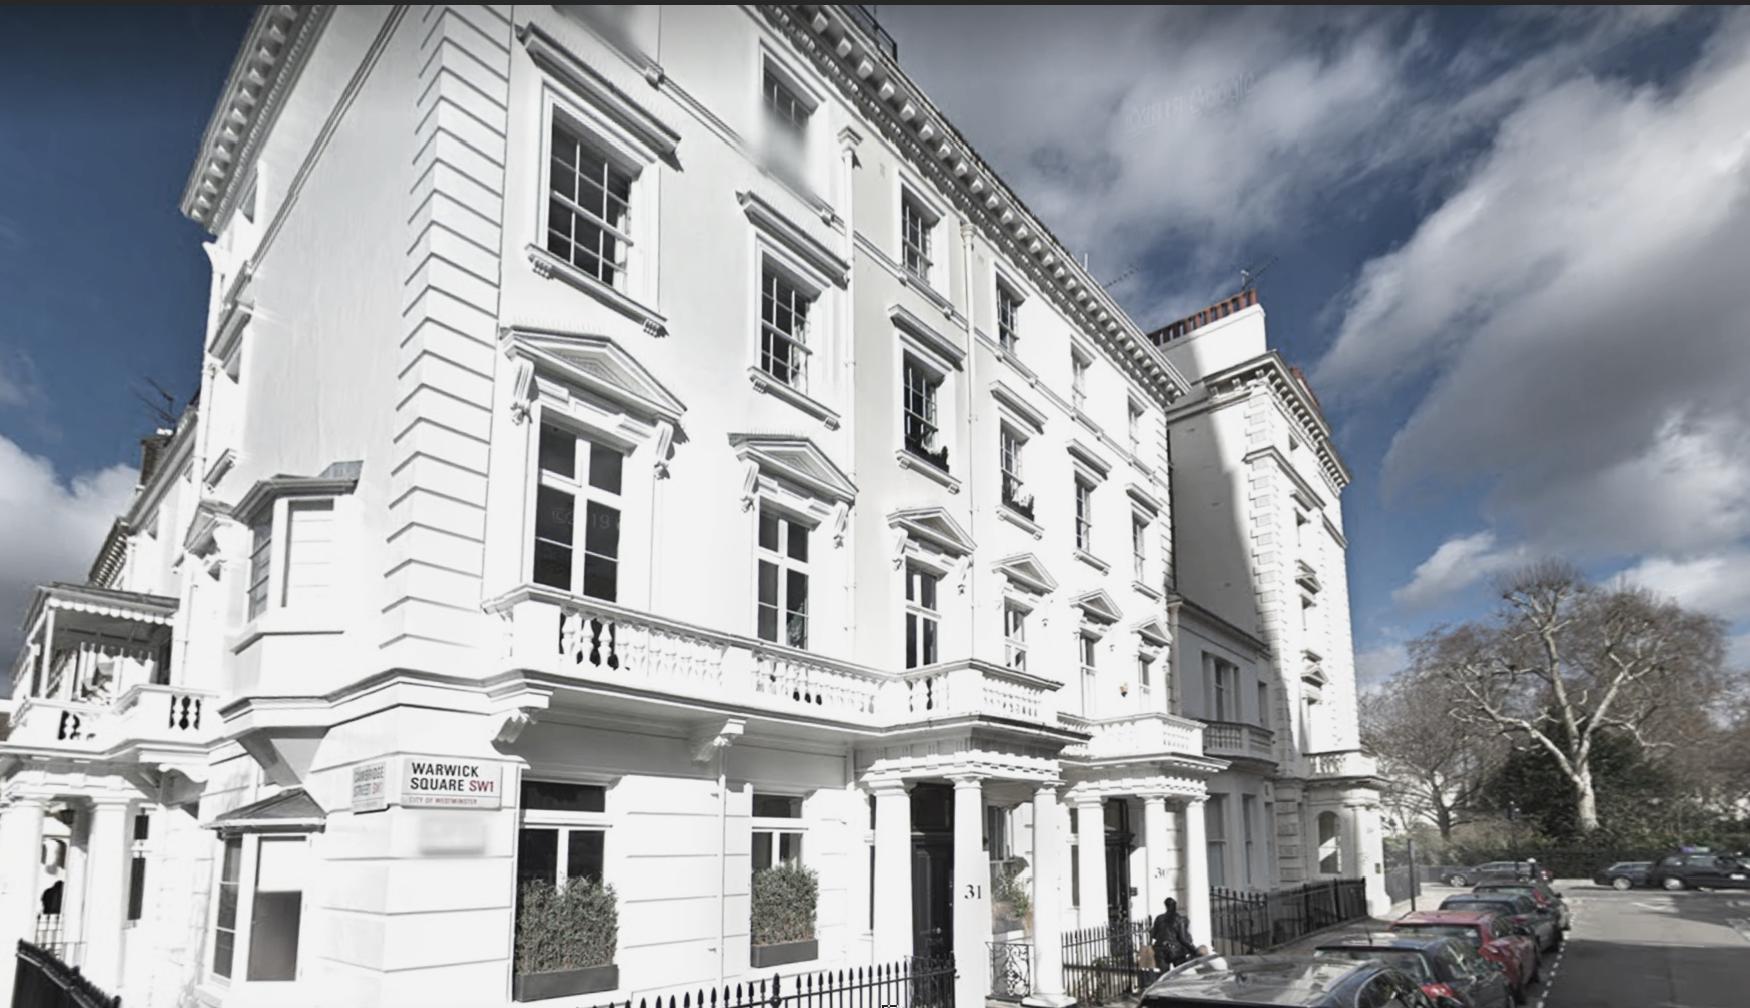 Warwick Square, 7 storey white stuccoed Victorian house in Pimlico